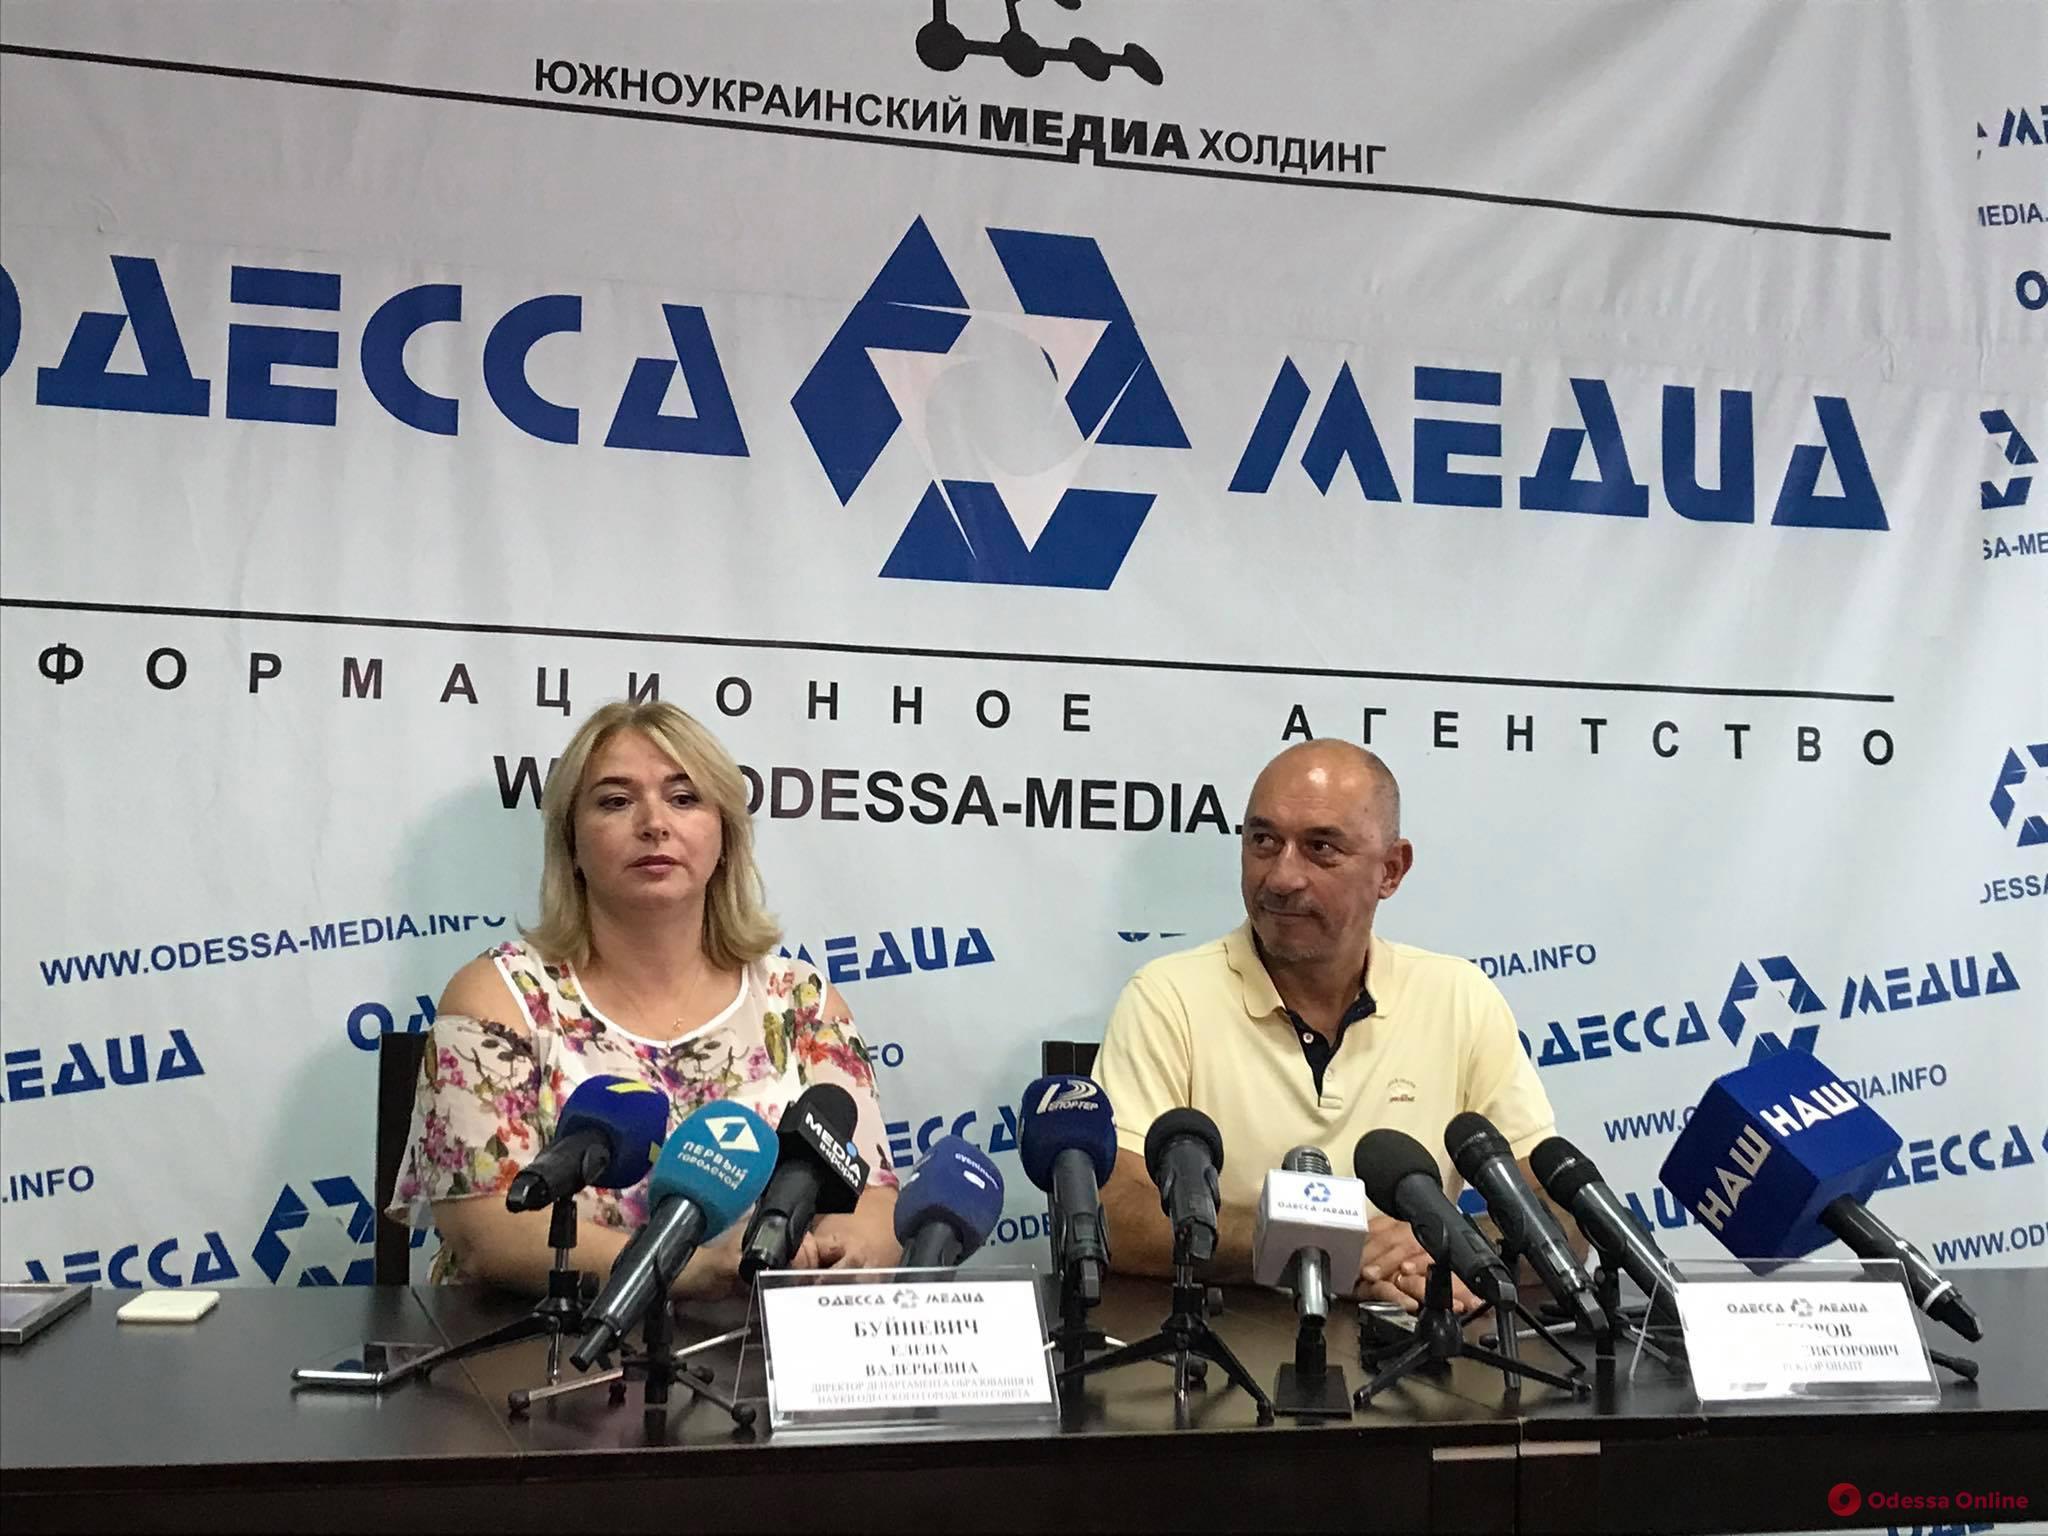 Одесские школьники при желании родителей могут продолжить обучение дистанционно